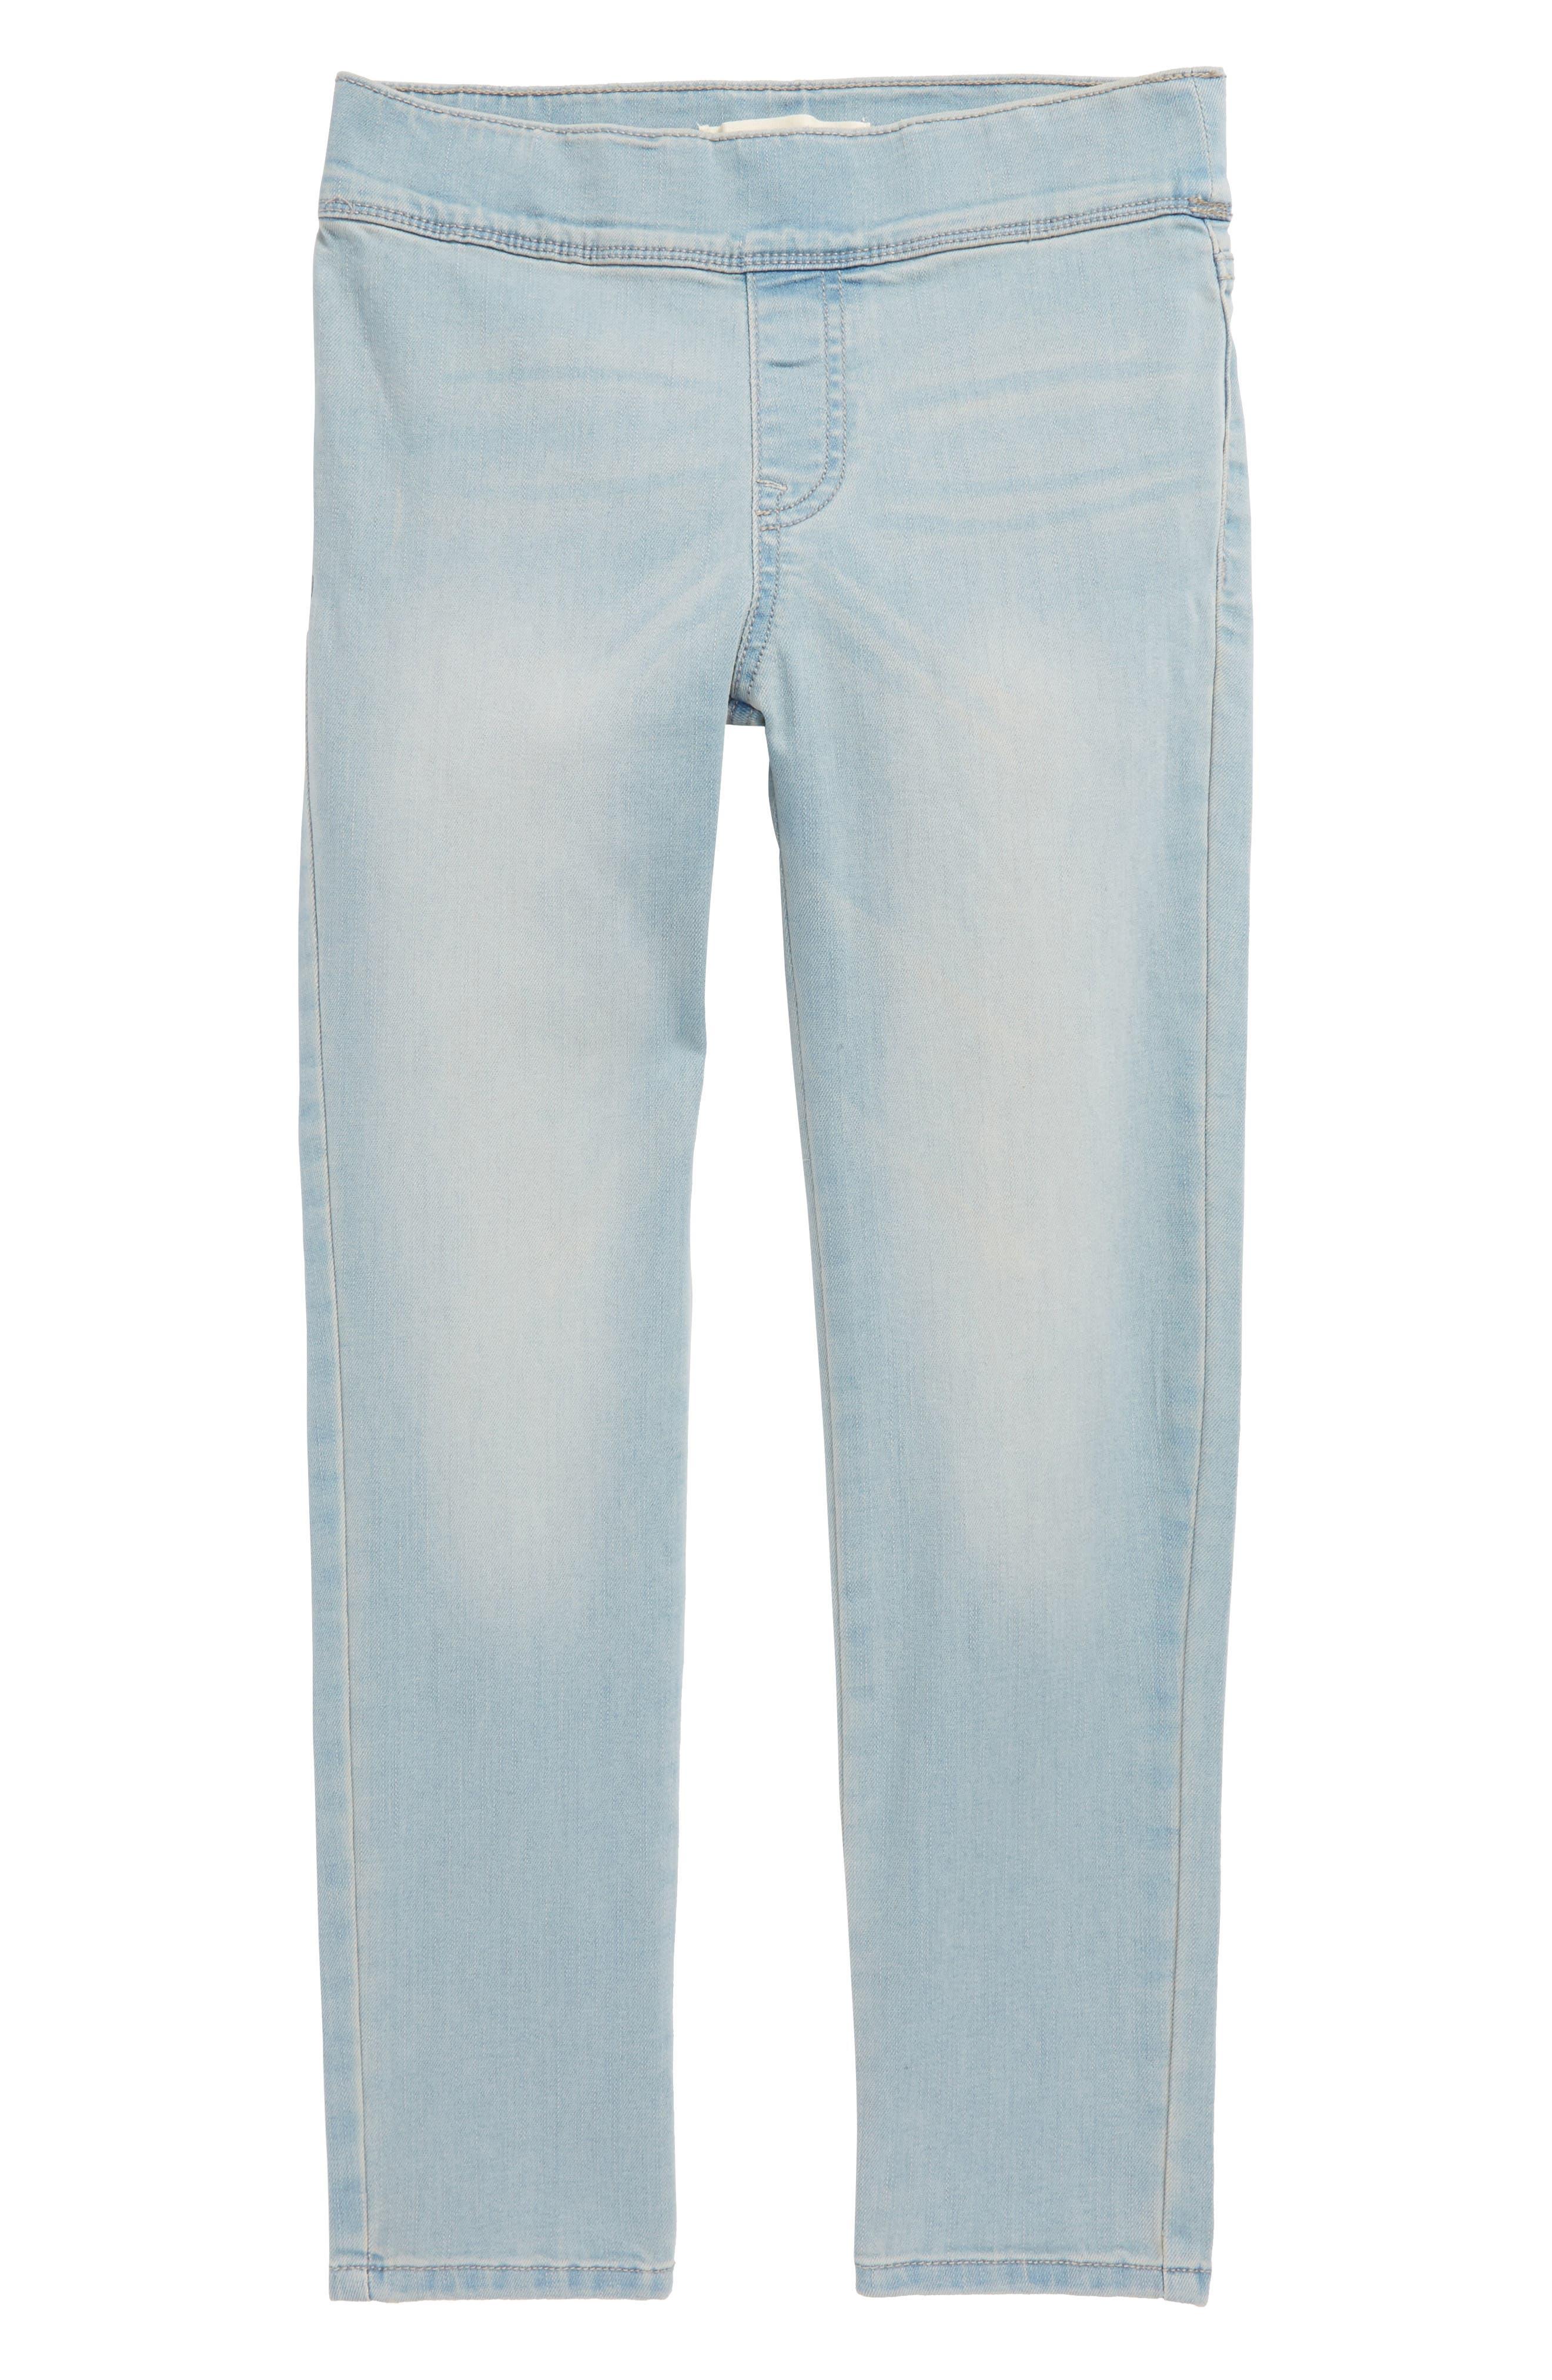 Crop Jeans,                             Main thumbnail 1, color,                             420